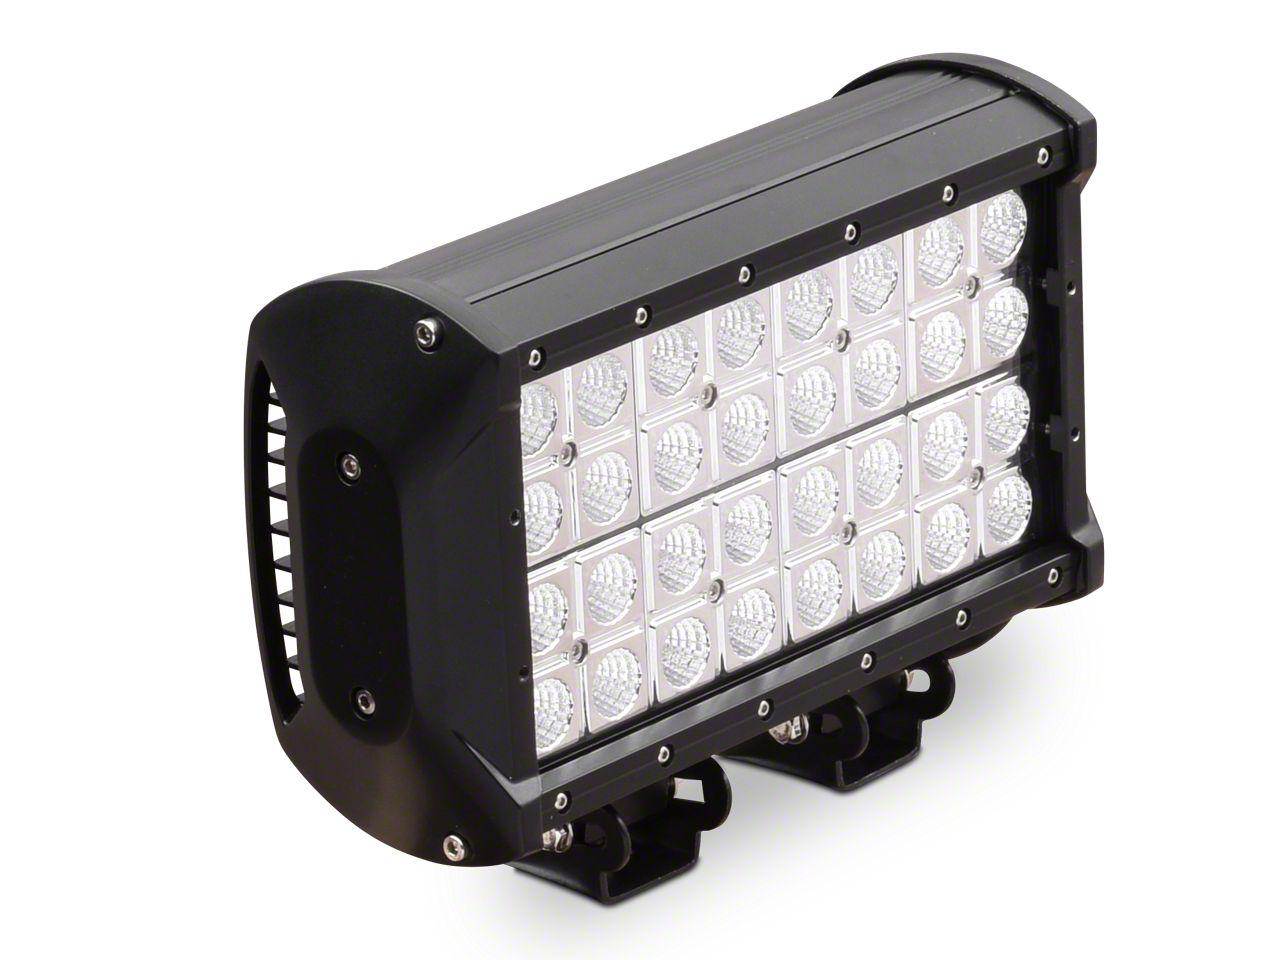 Alteon 10 in. 6 Series LED Light Bar - 30 Degree Flood Beam